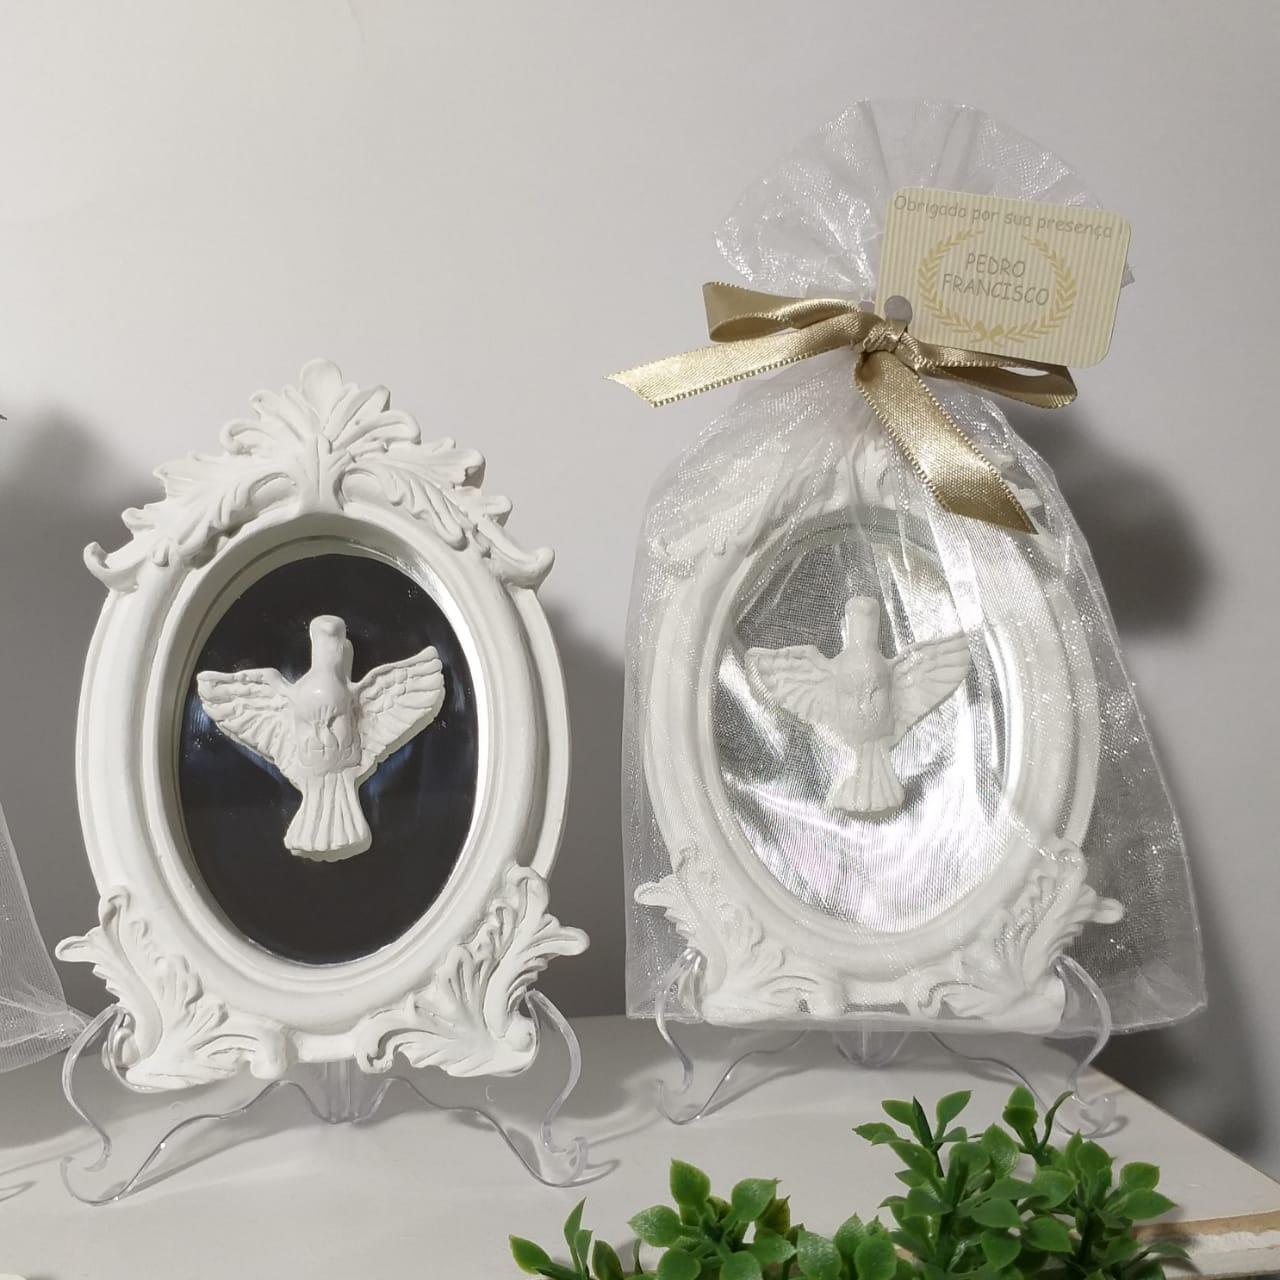 Quadro com Espelho Lembrança com Anjo ou Divino.